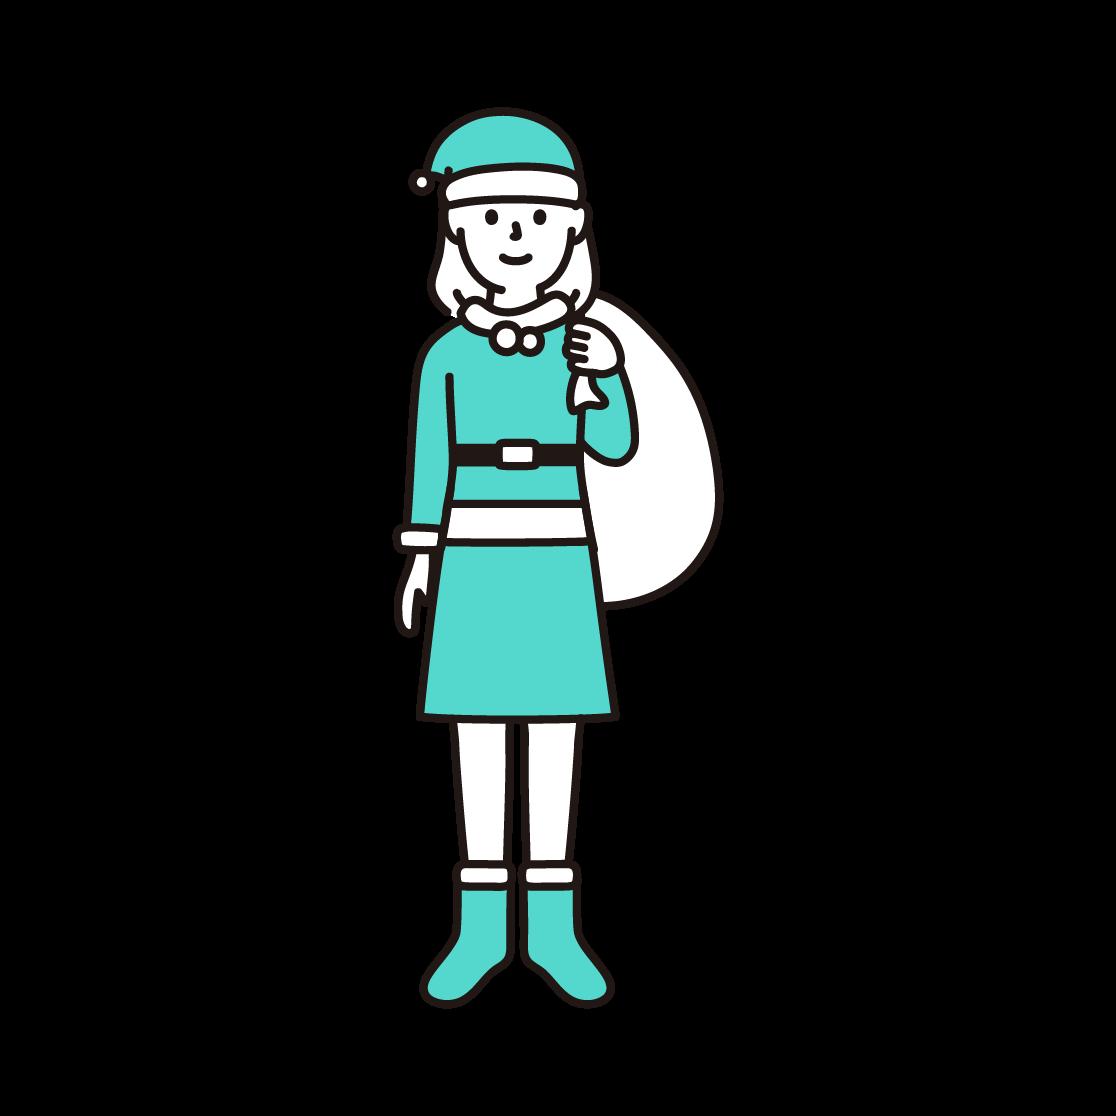 サンタクロース(女性)の単色イラスト